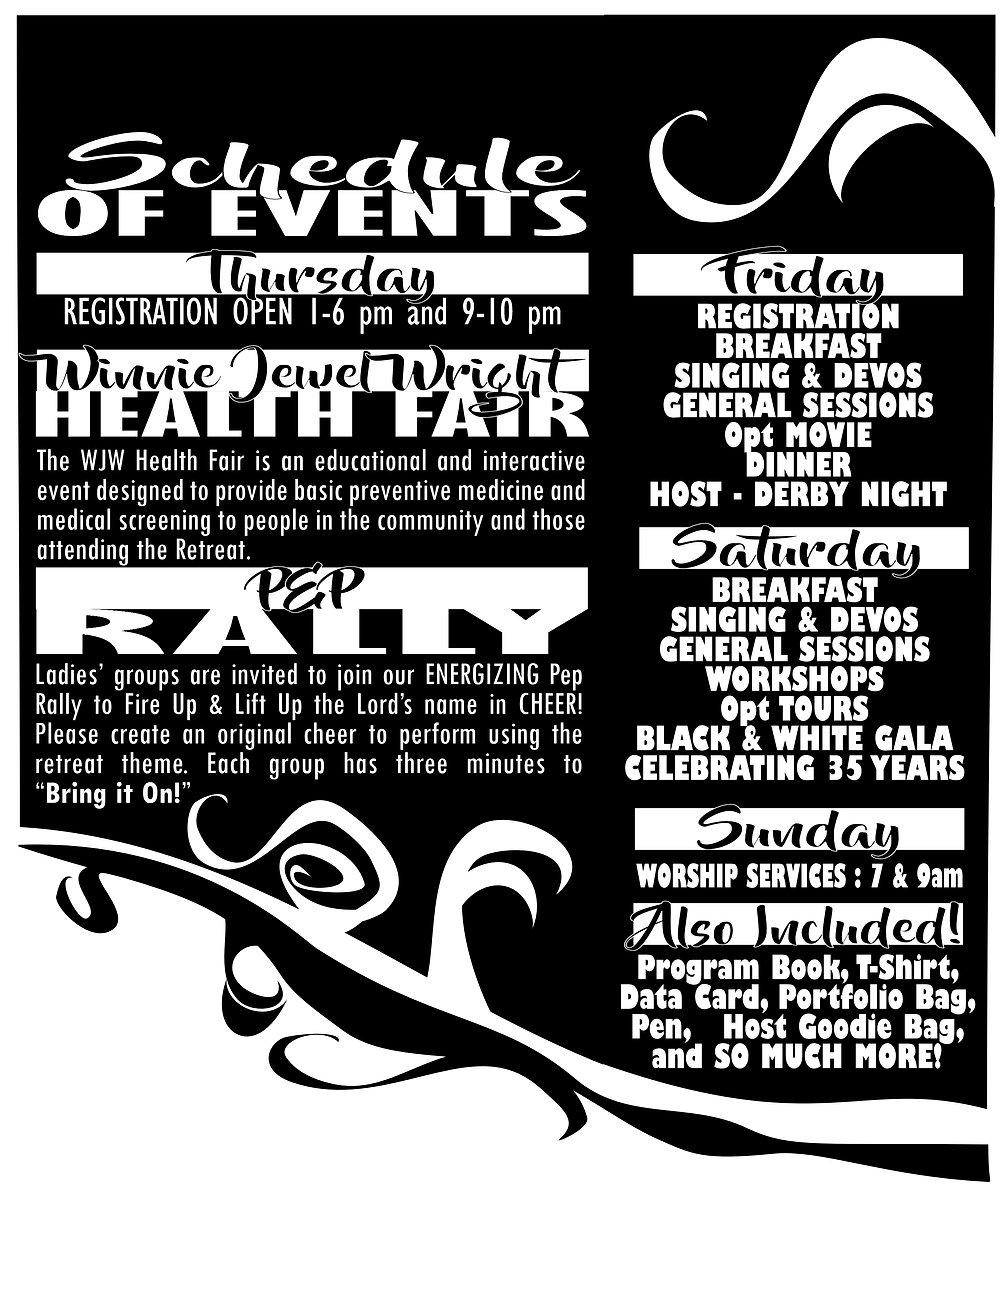 Scheduel of Events.jpg